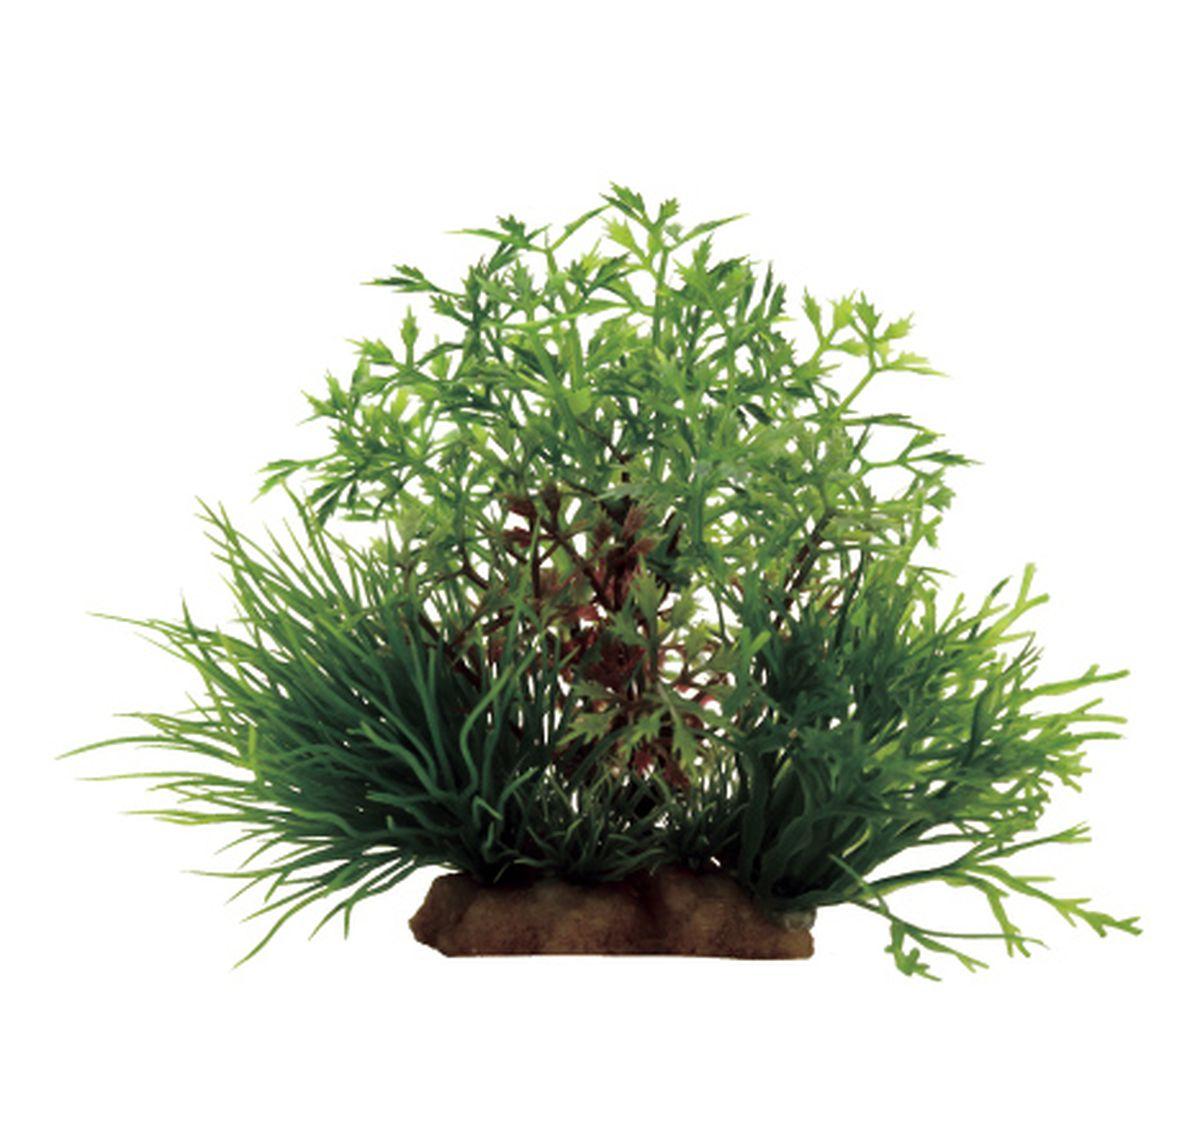 Композиция из растений для аквариума ArtUniq Перистолистник, 16 x 12 x 10 смART-1130905Композиция из искусственных растений ArtUniq превосходно украсит и оживит аквариум.Растения - это важная часть любой композиции, они помогут вдохнуть жизнь в ландшафт любого аквариума или террариума. Композиция является точной копией природного растения.